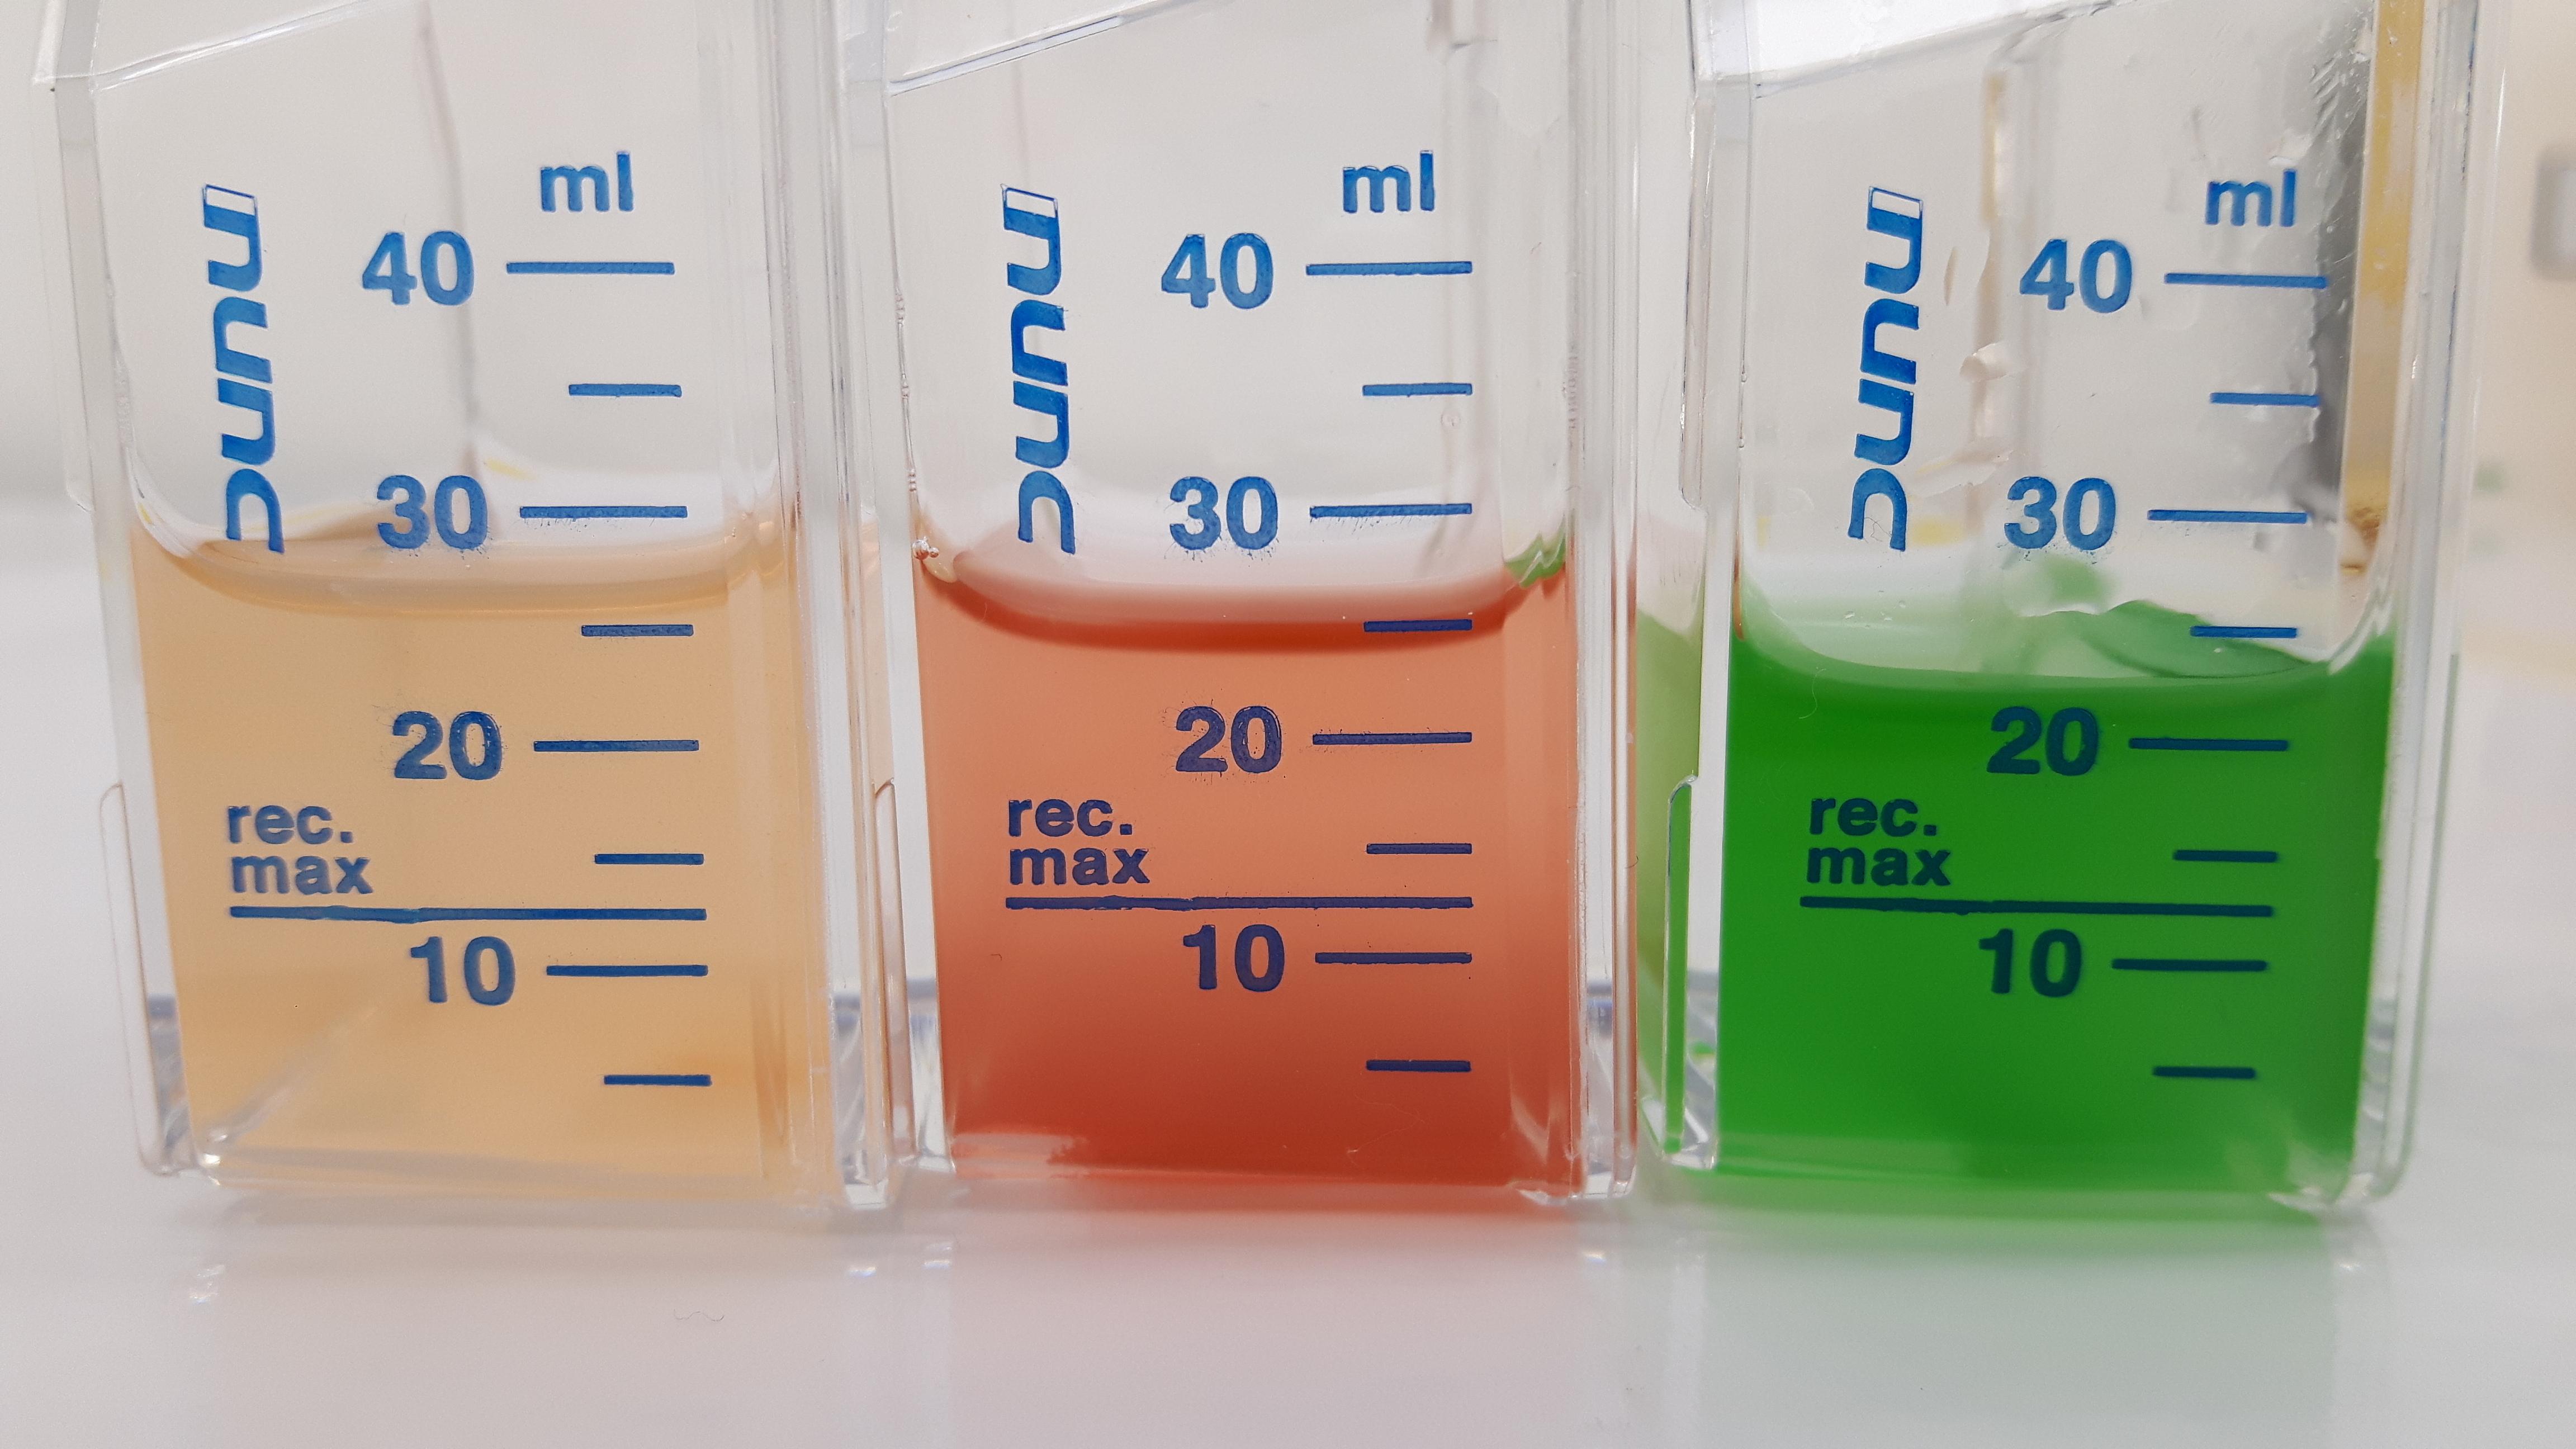 Synechococcus cultures